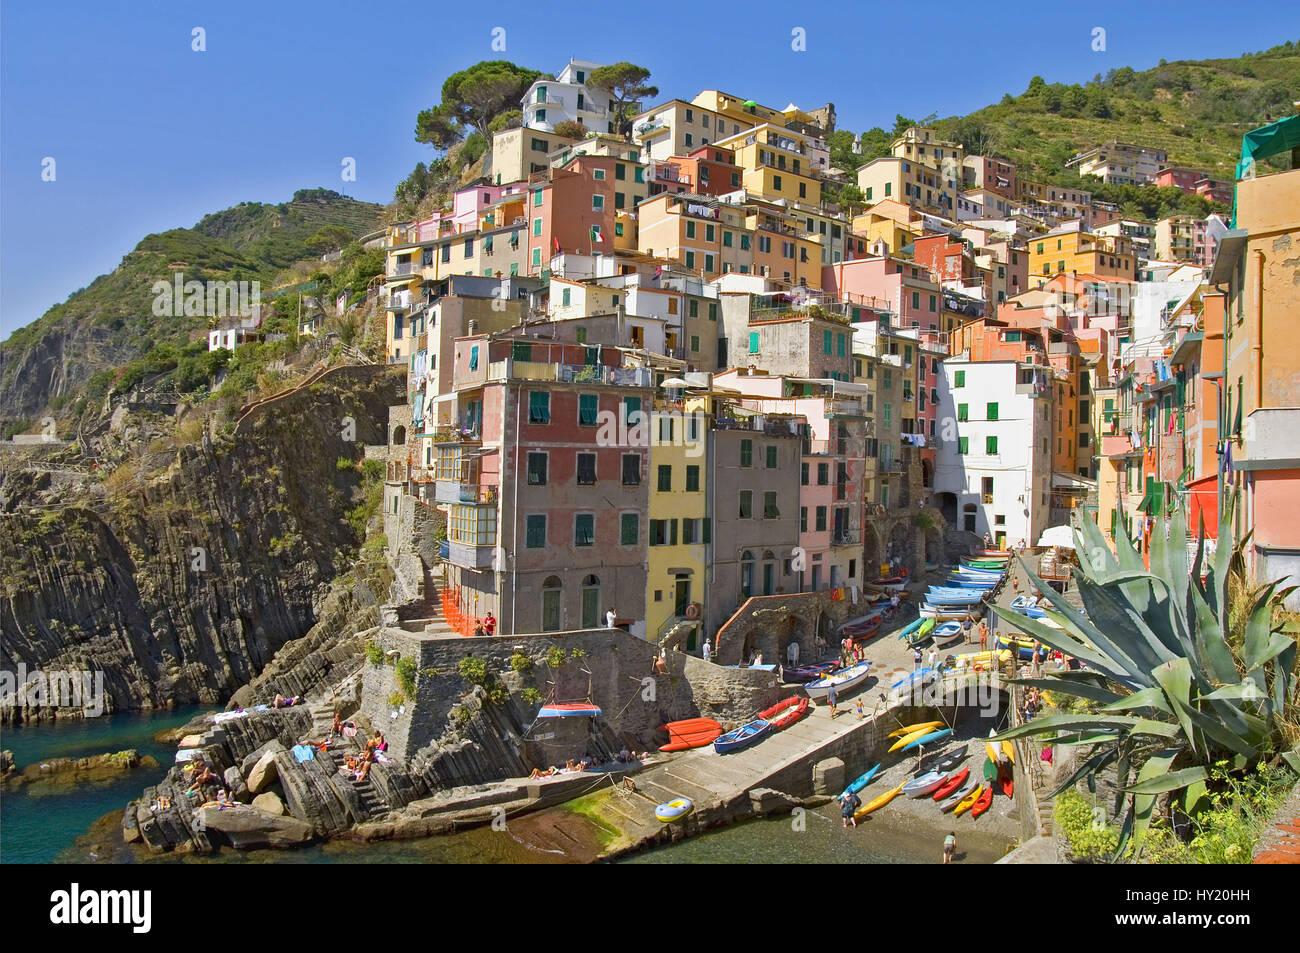 Blick ueber das Dorf Riomaggiore, ein bekanntes Reiseziel im Parco Naturale Cinque Terre in den Ligurischen Kueste, - Stock Image